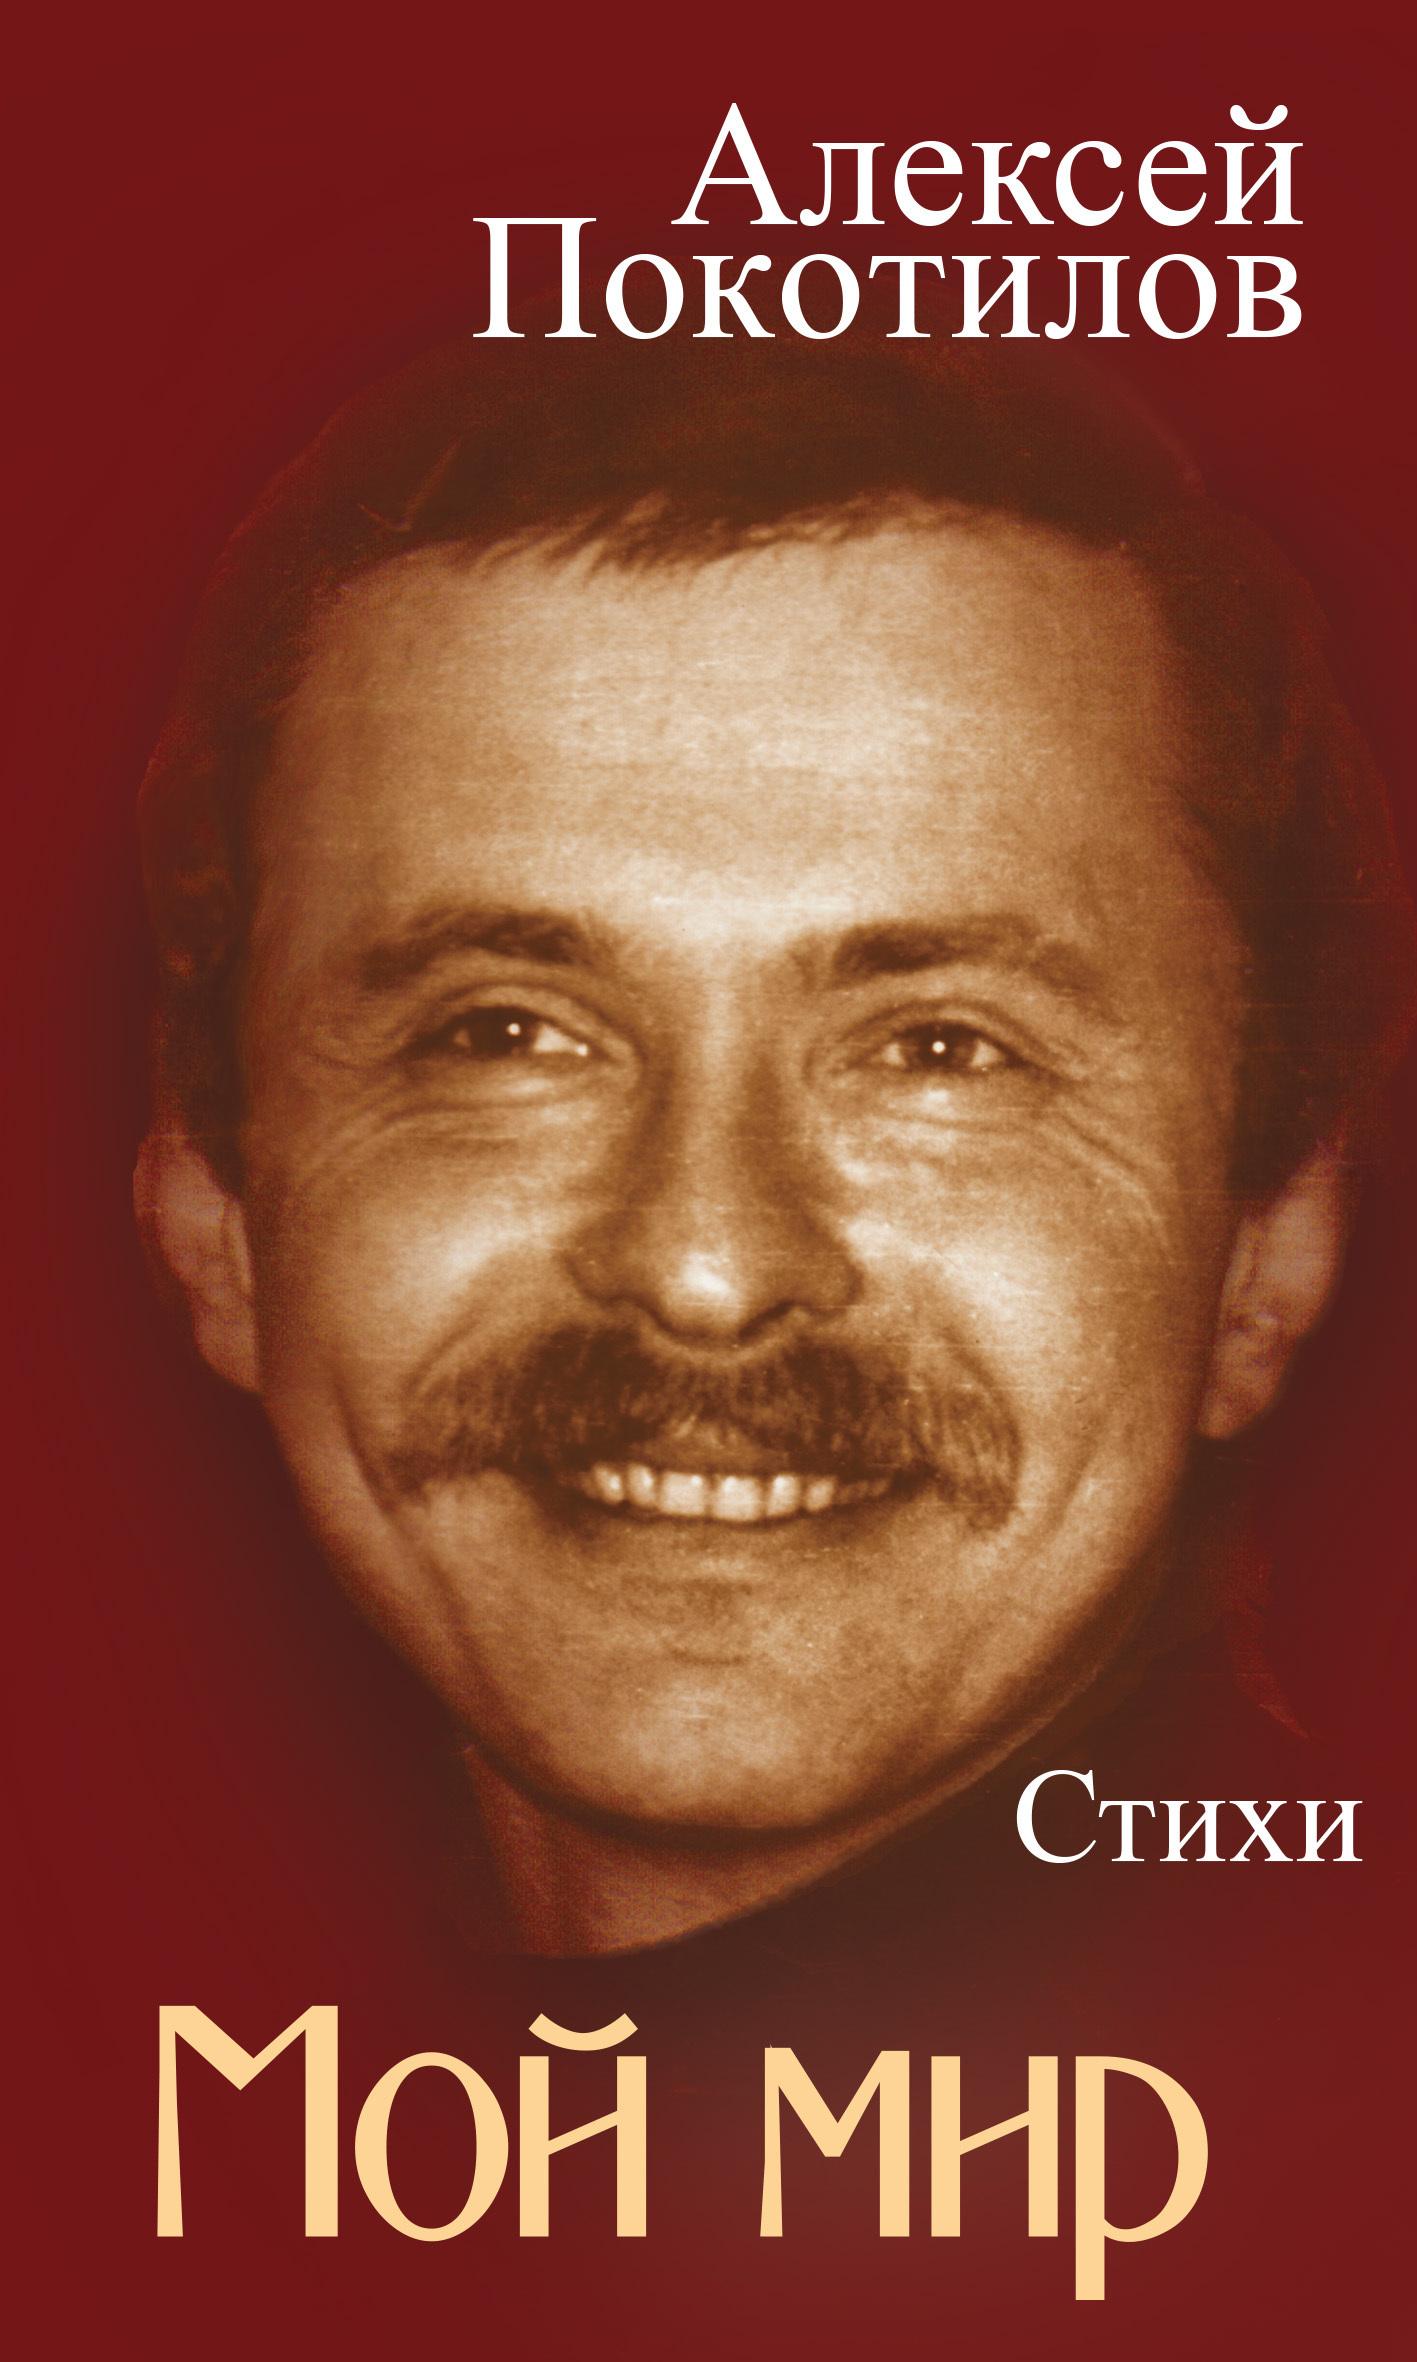 Алексей Покотилов бесплатно